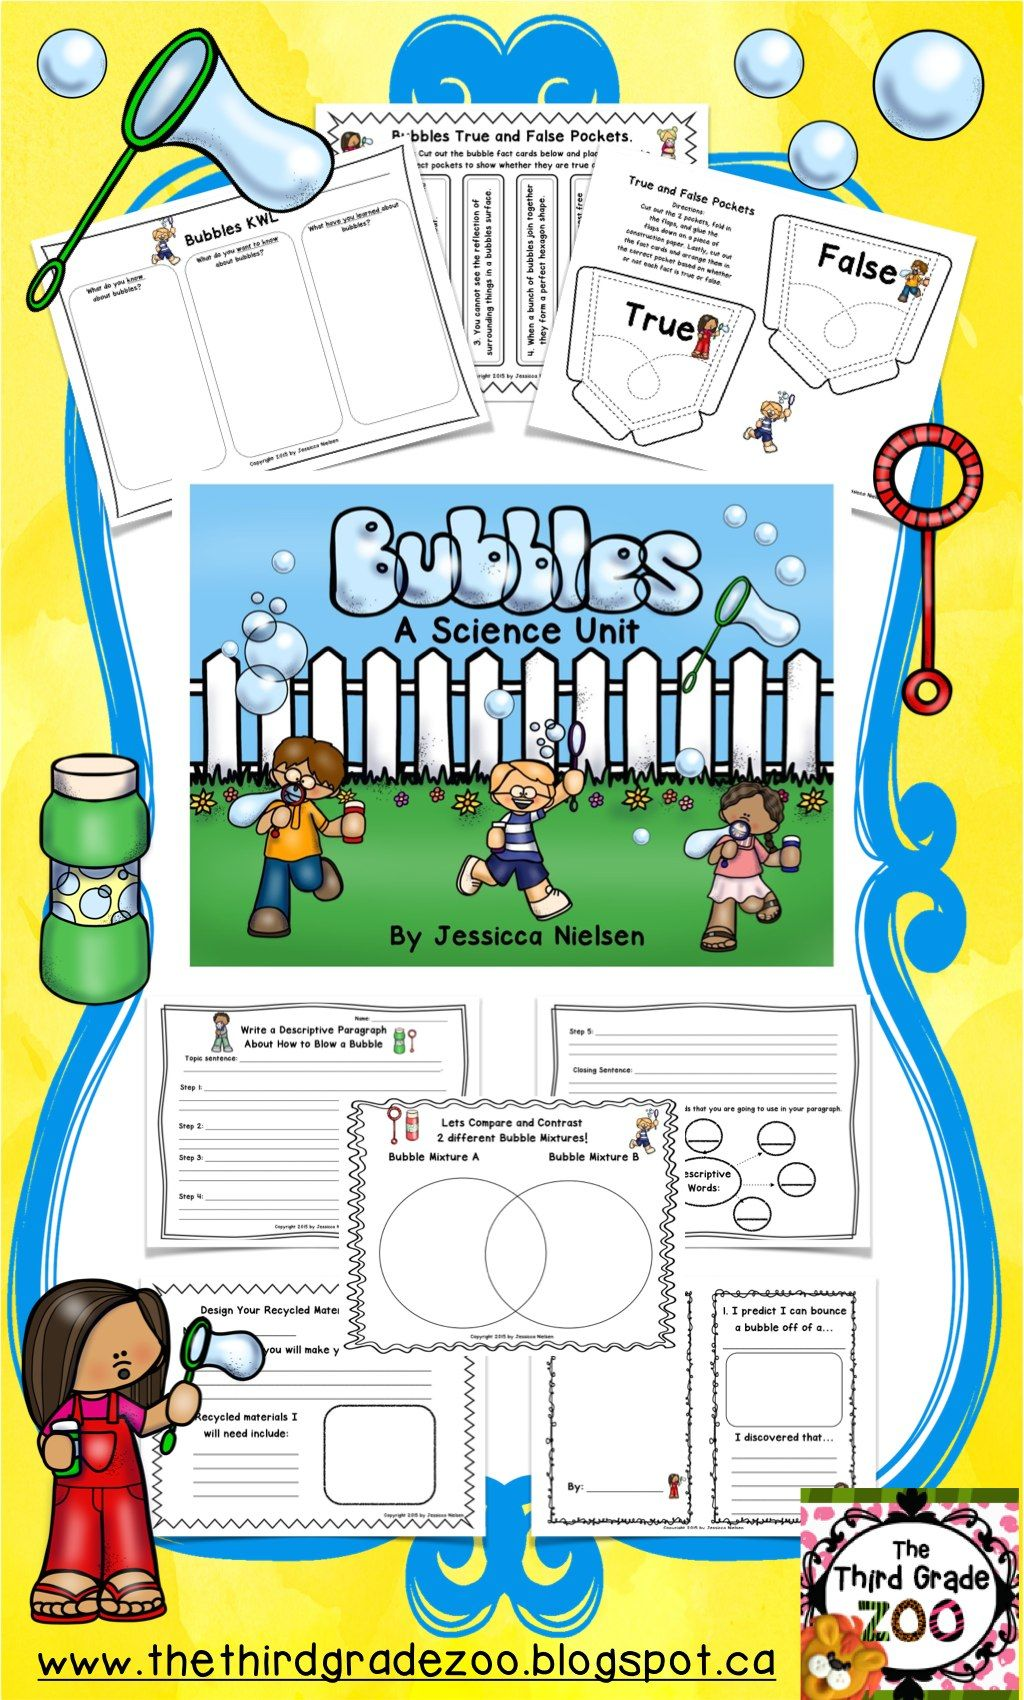 Bubbles A Science Unit